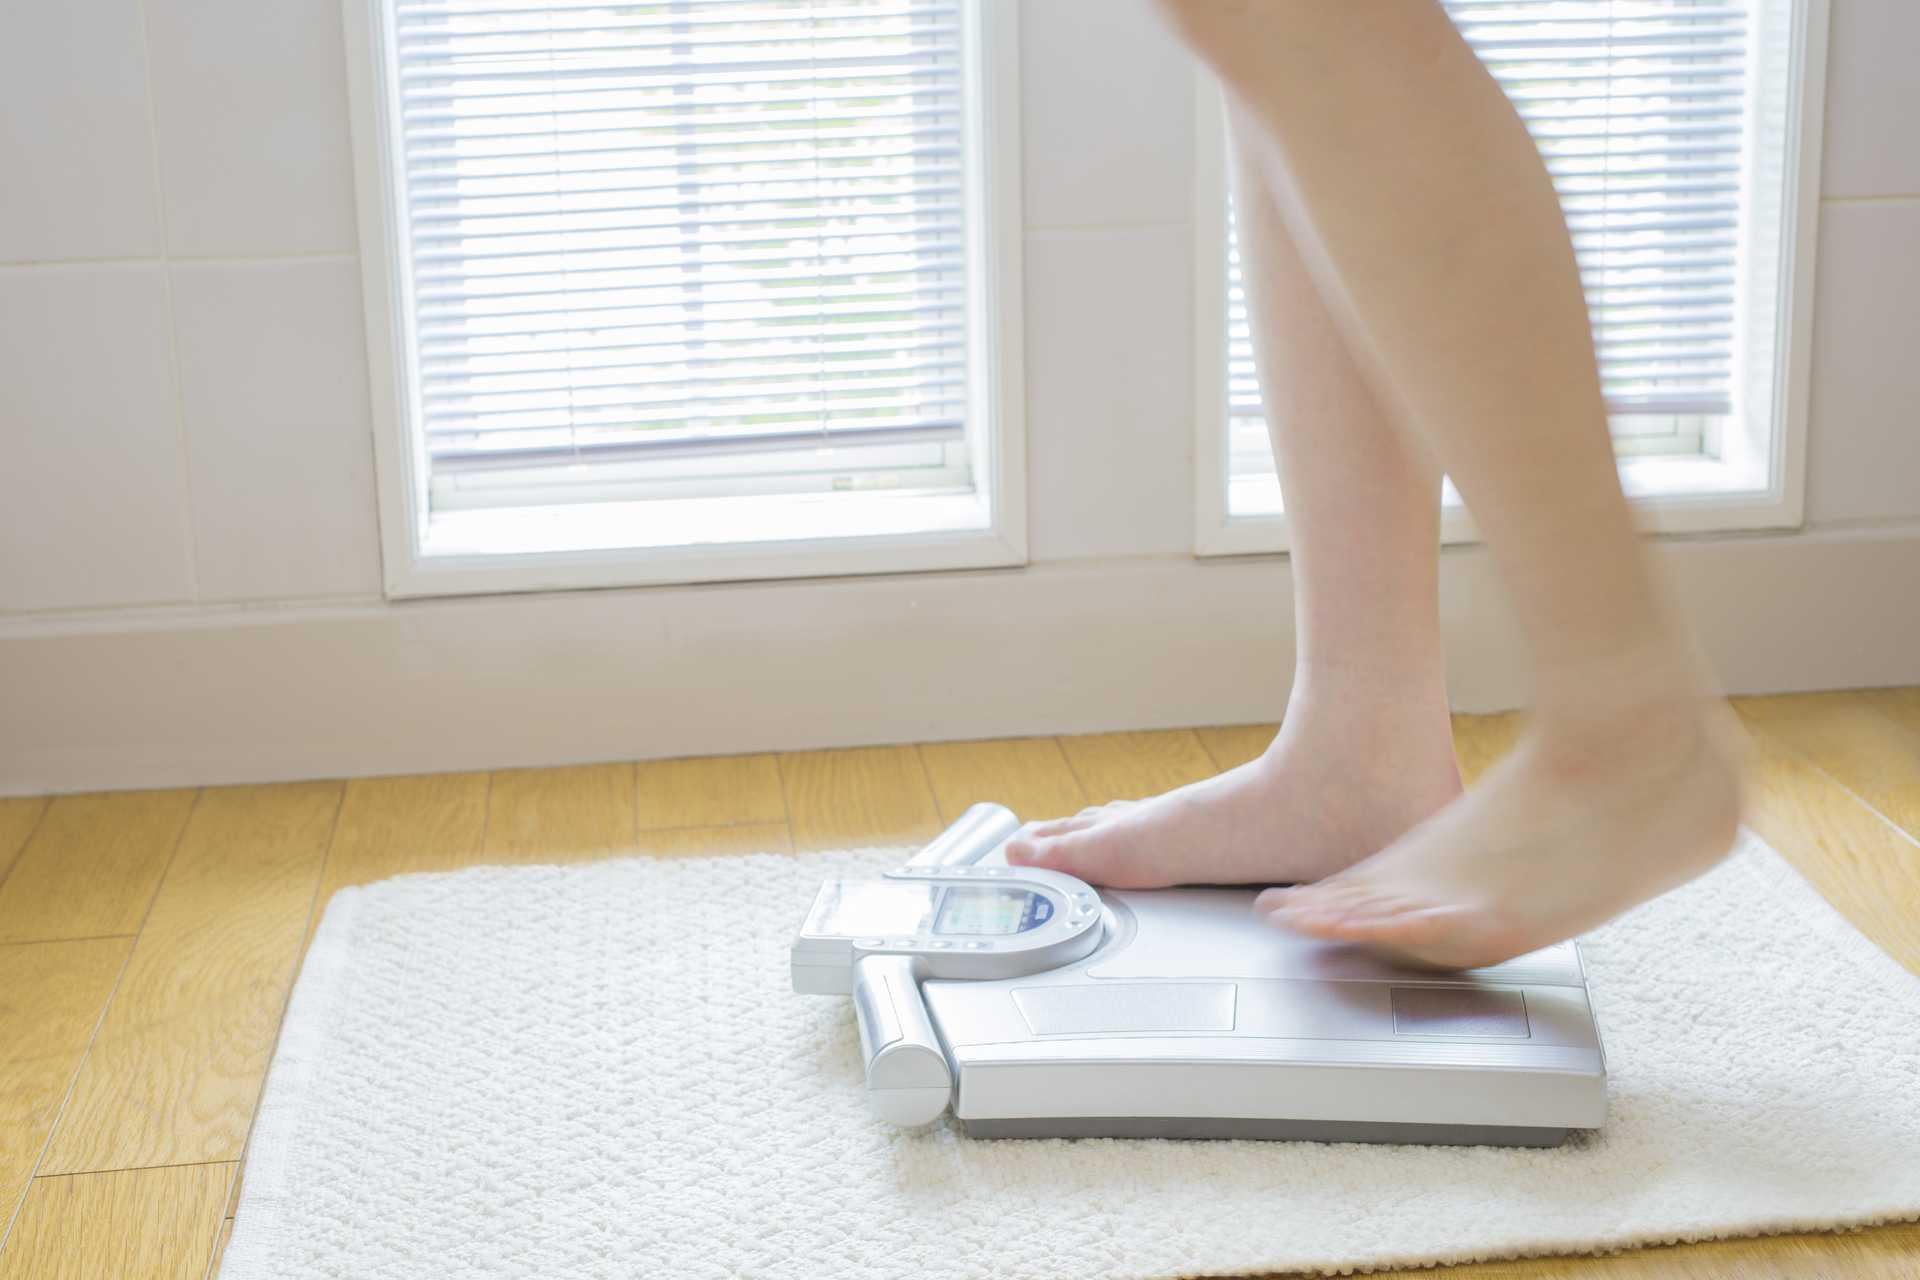 昨日と比べて1キロ痩せたと喜ぶのは、大きな思い違い。 | ウォーキング・ダイエットのすすめ